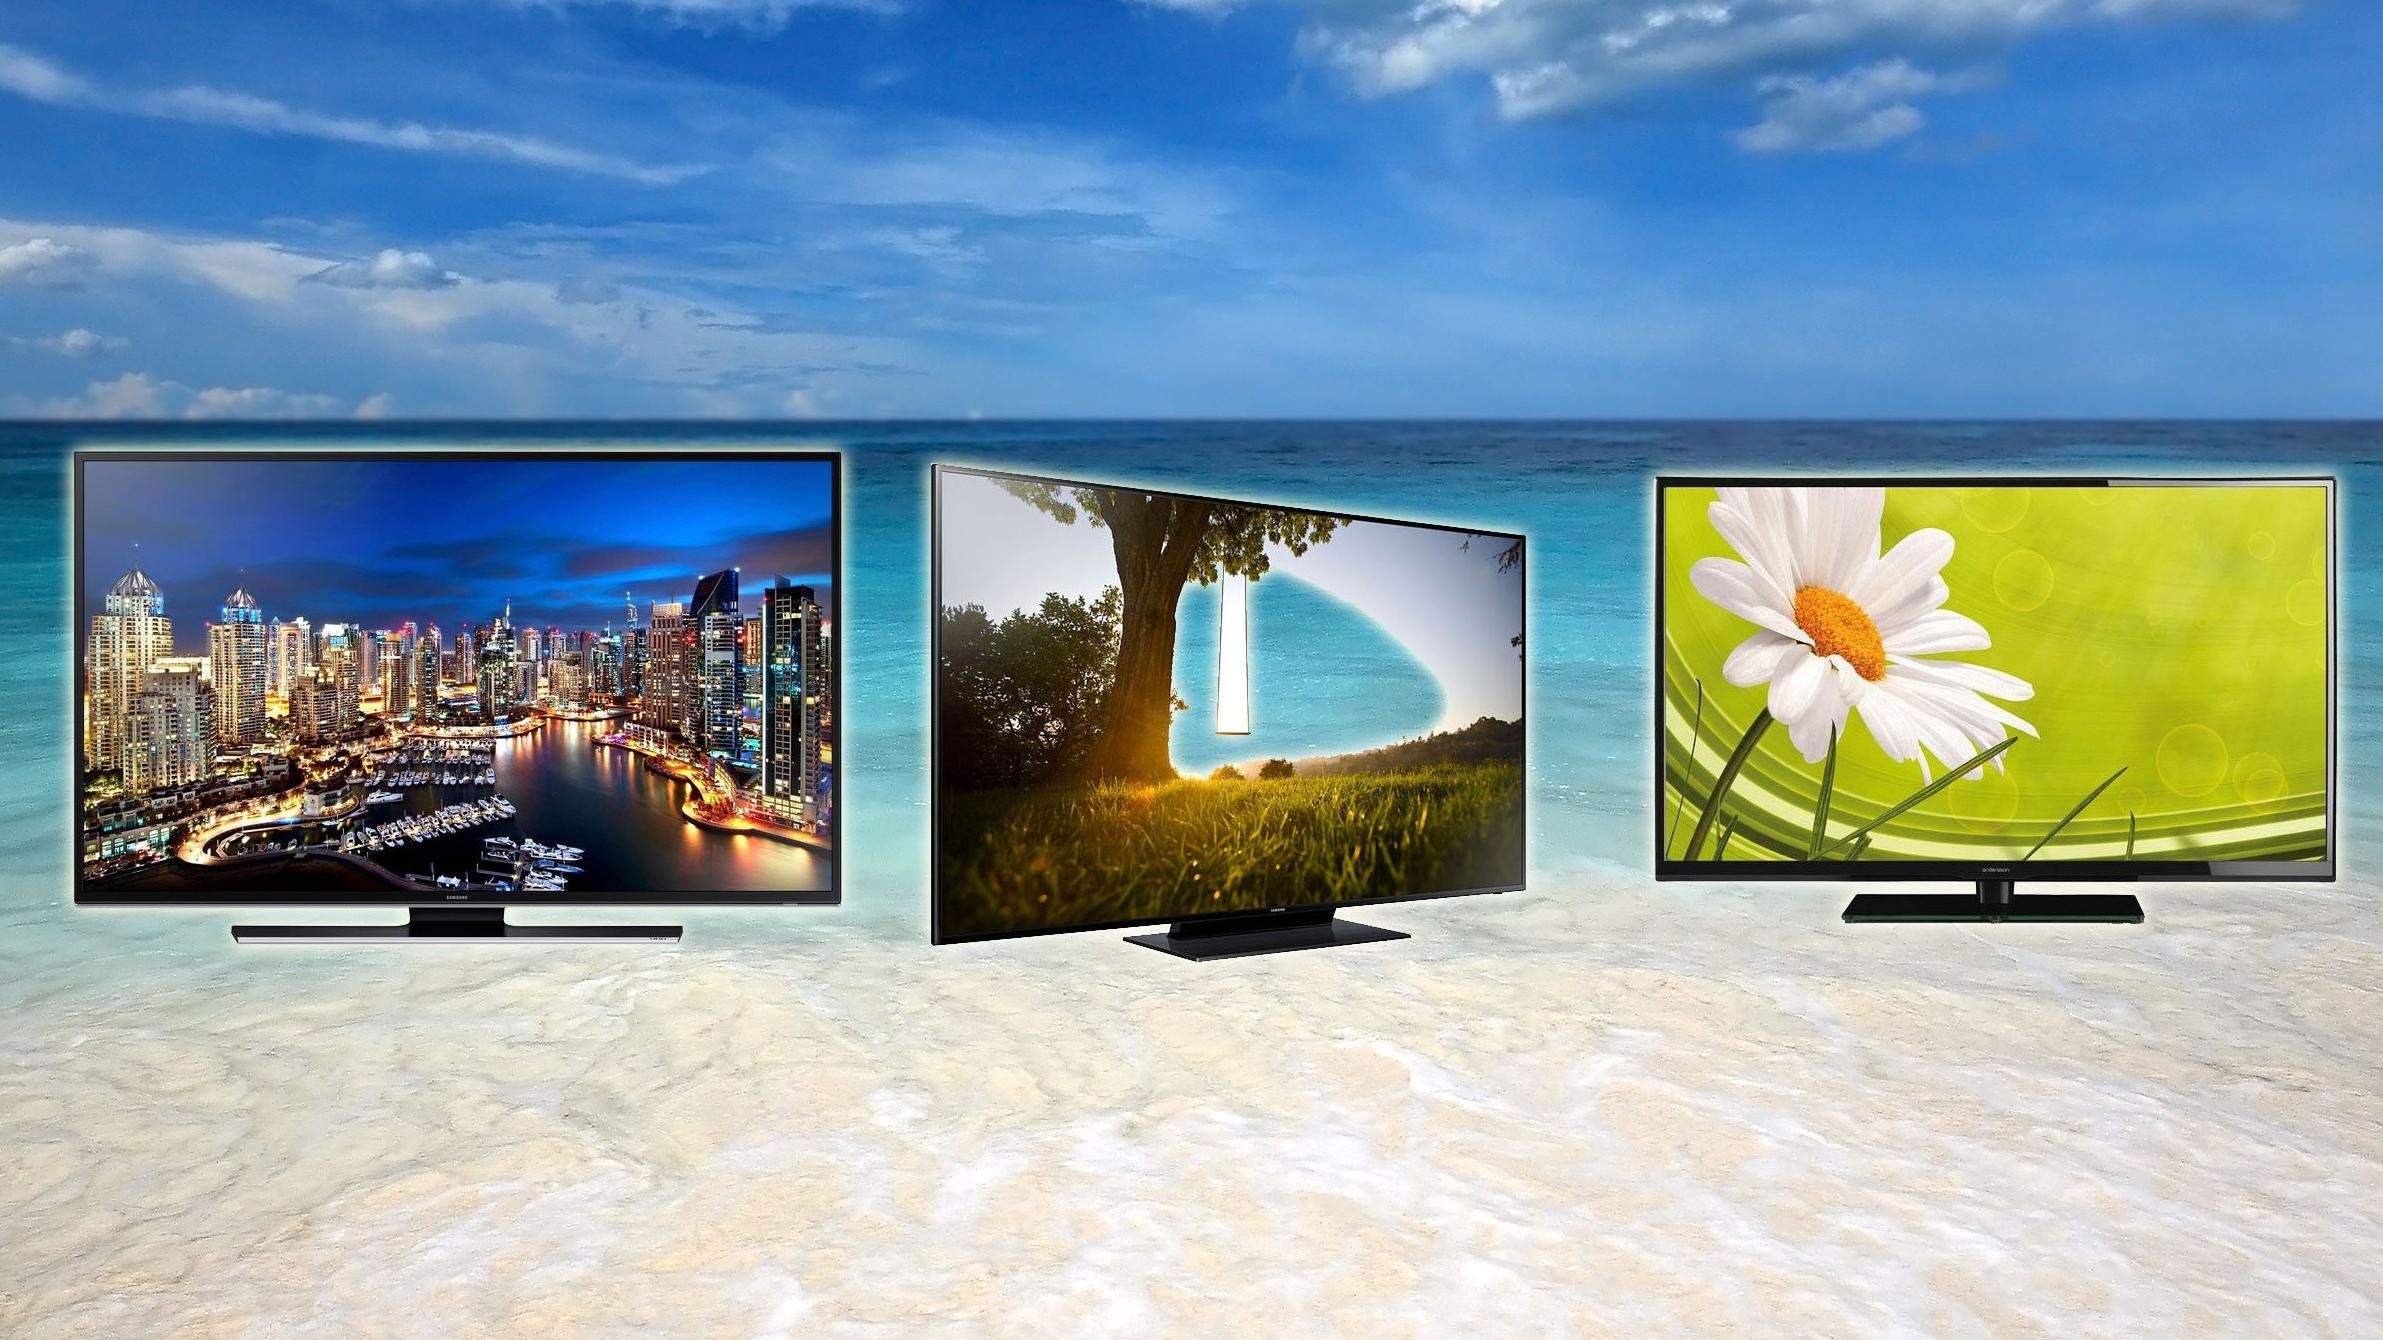 Seks hete TV-tilbud i sommervarmen